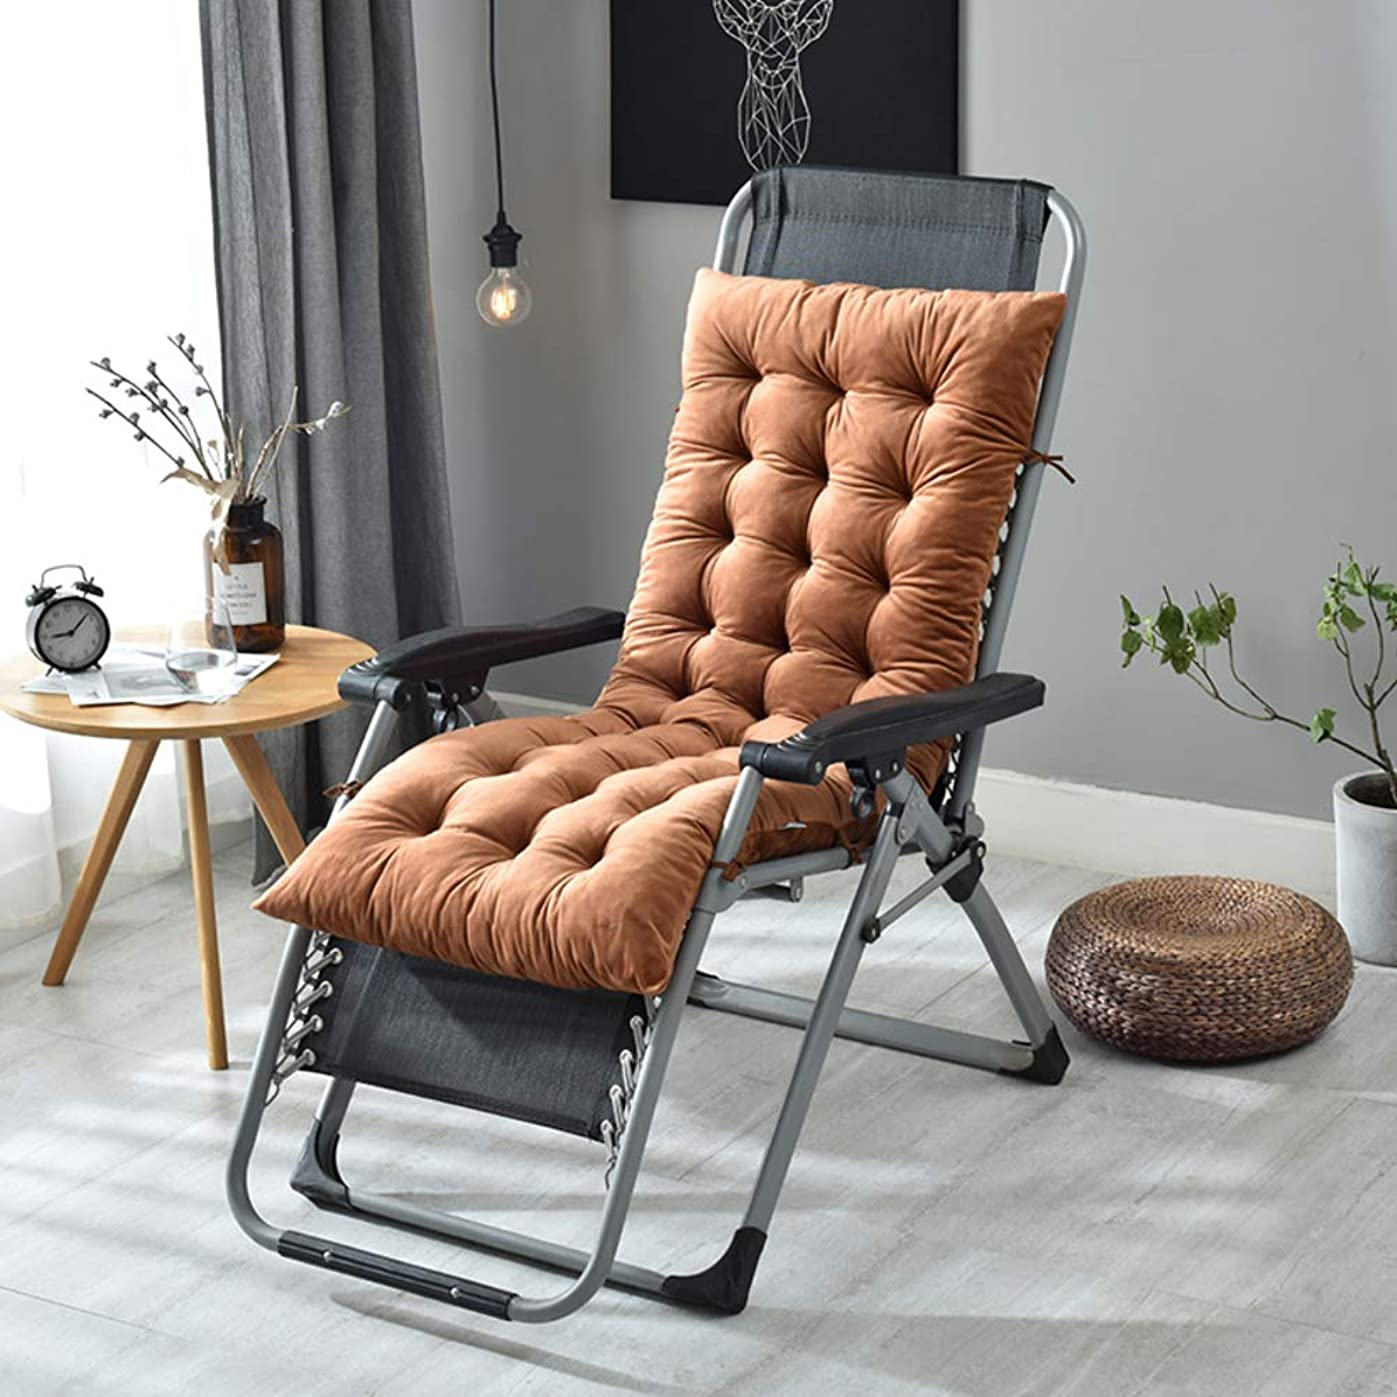 分子スケッチ多年生厚さ ラウンジ チェア クッション ベルベット ソフト コットン充填 背の高い チェアパッド シートクッション の ロッキングチェア オフィス テラスの椅子-ブラウン 50x130cm(20x51inch)